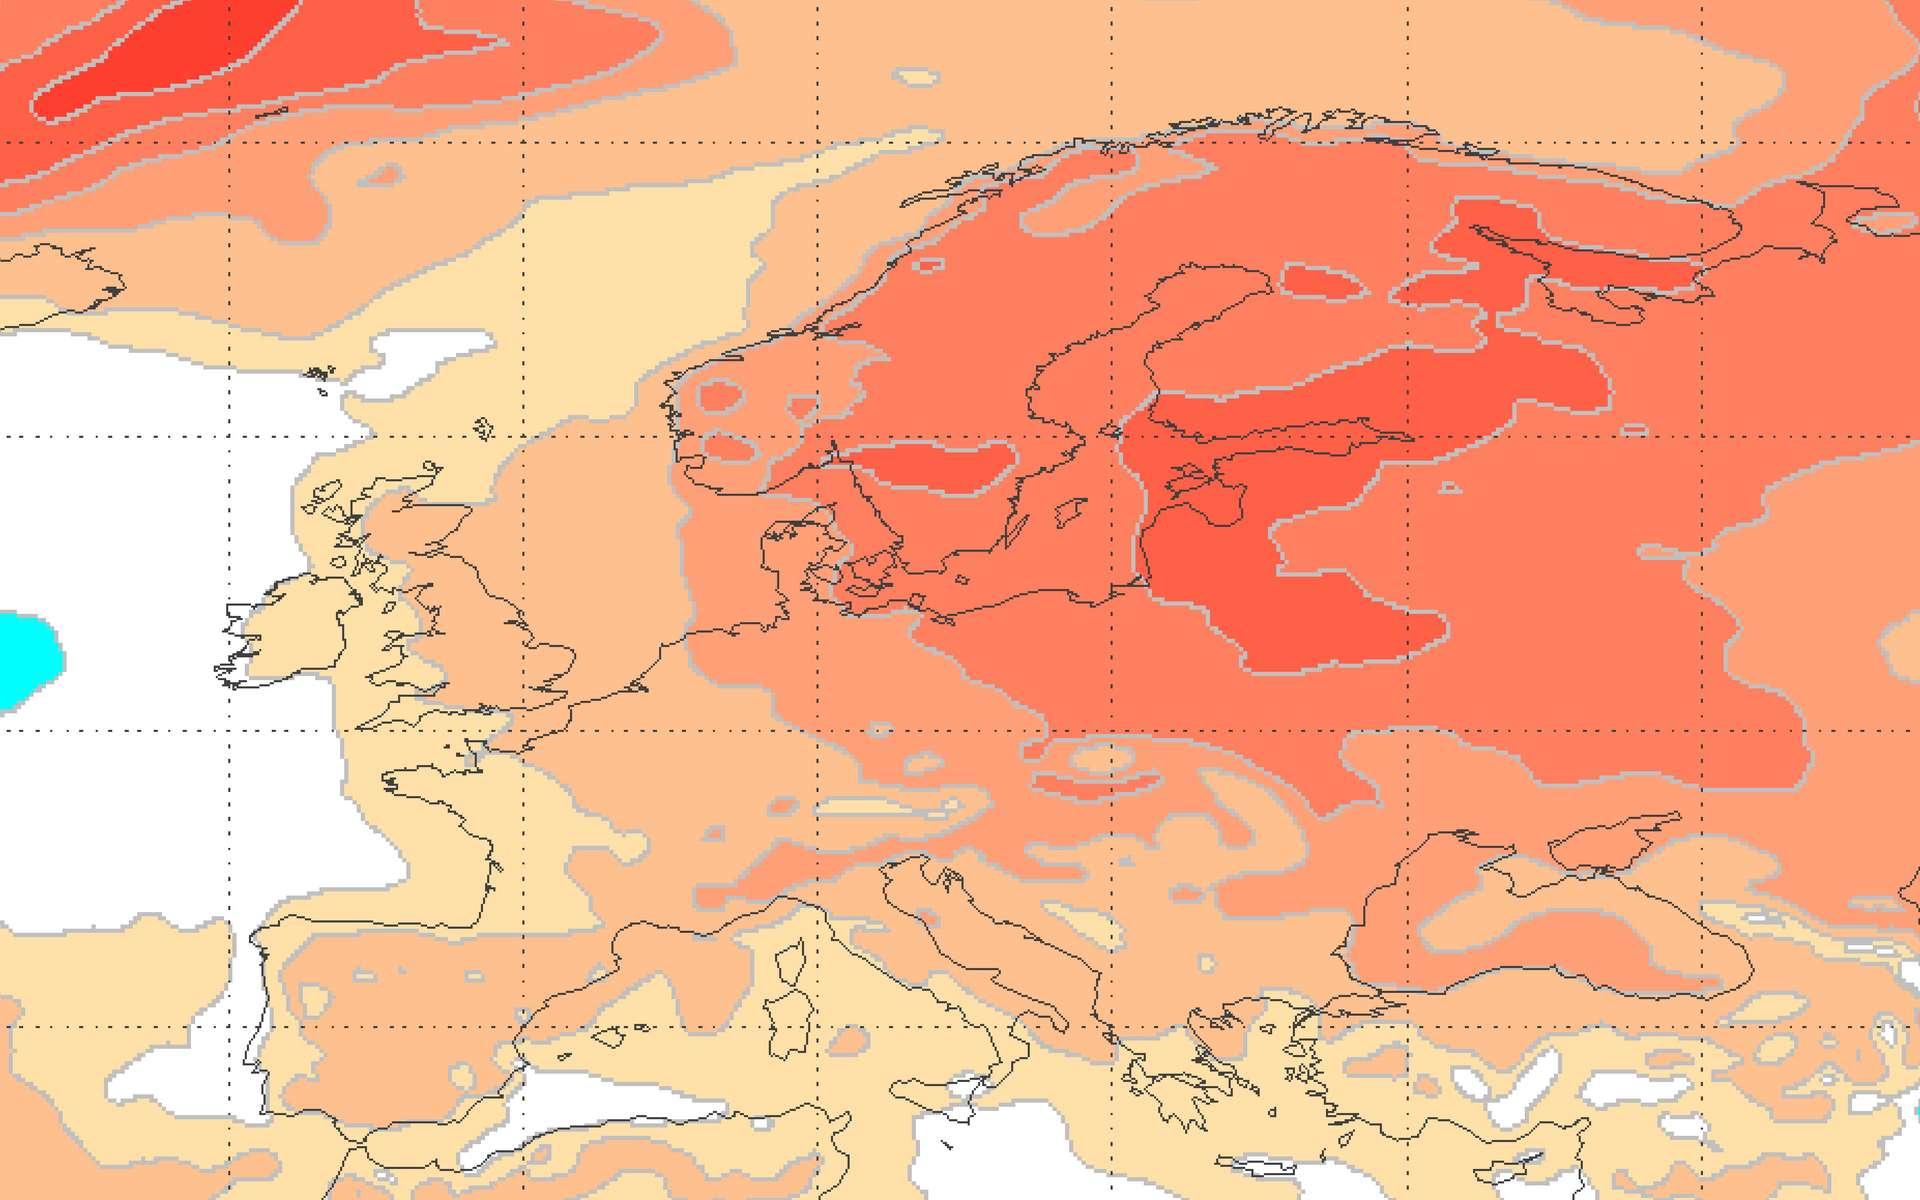 Anomalie des températures pour le mois de février 2020 en Europe. © Copernicus